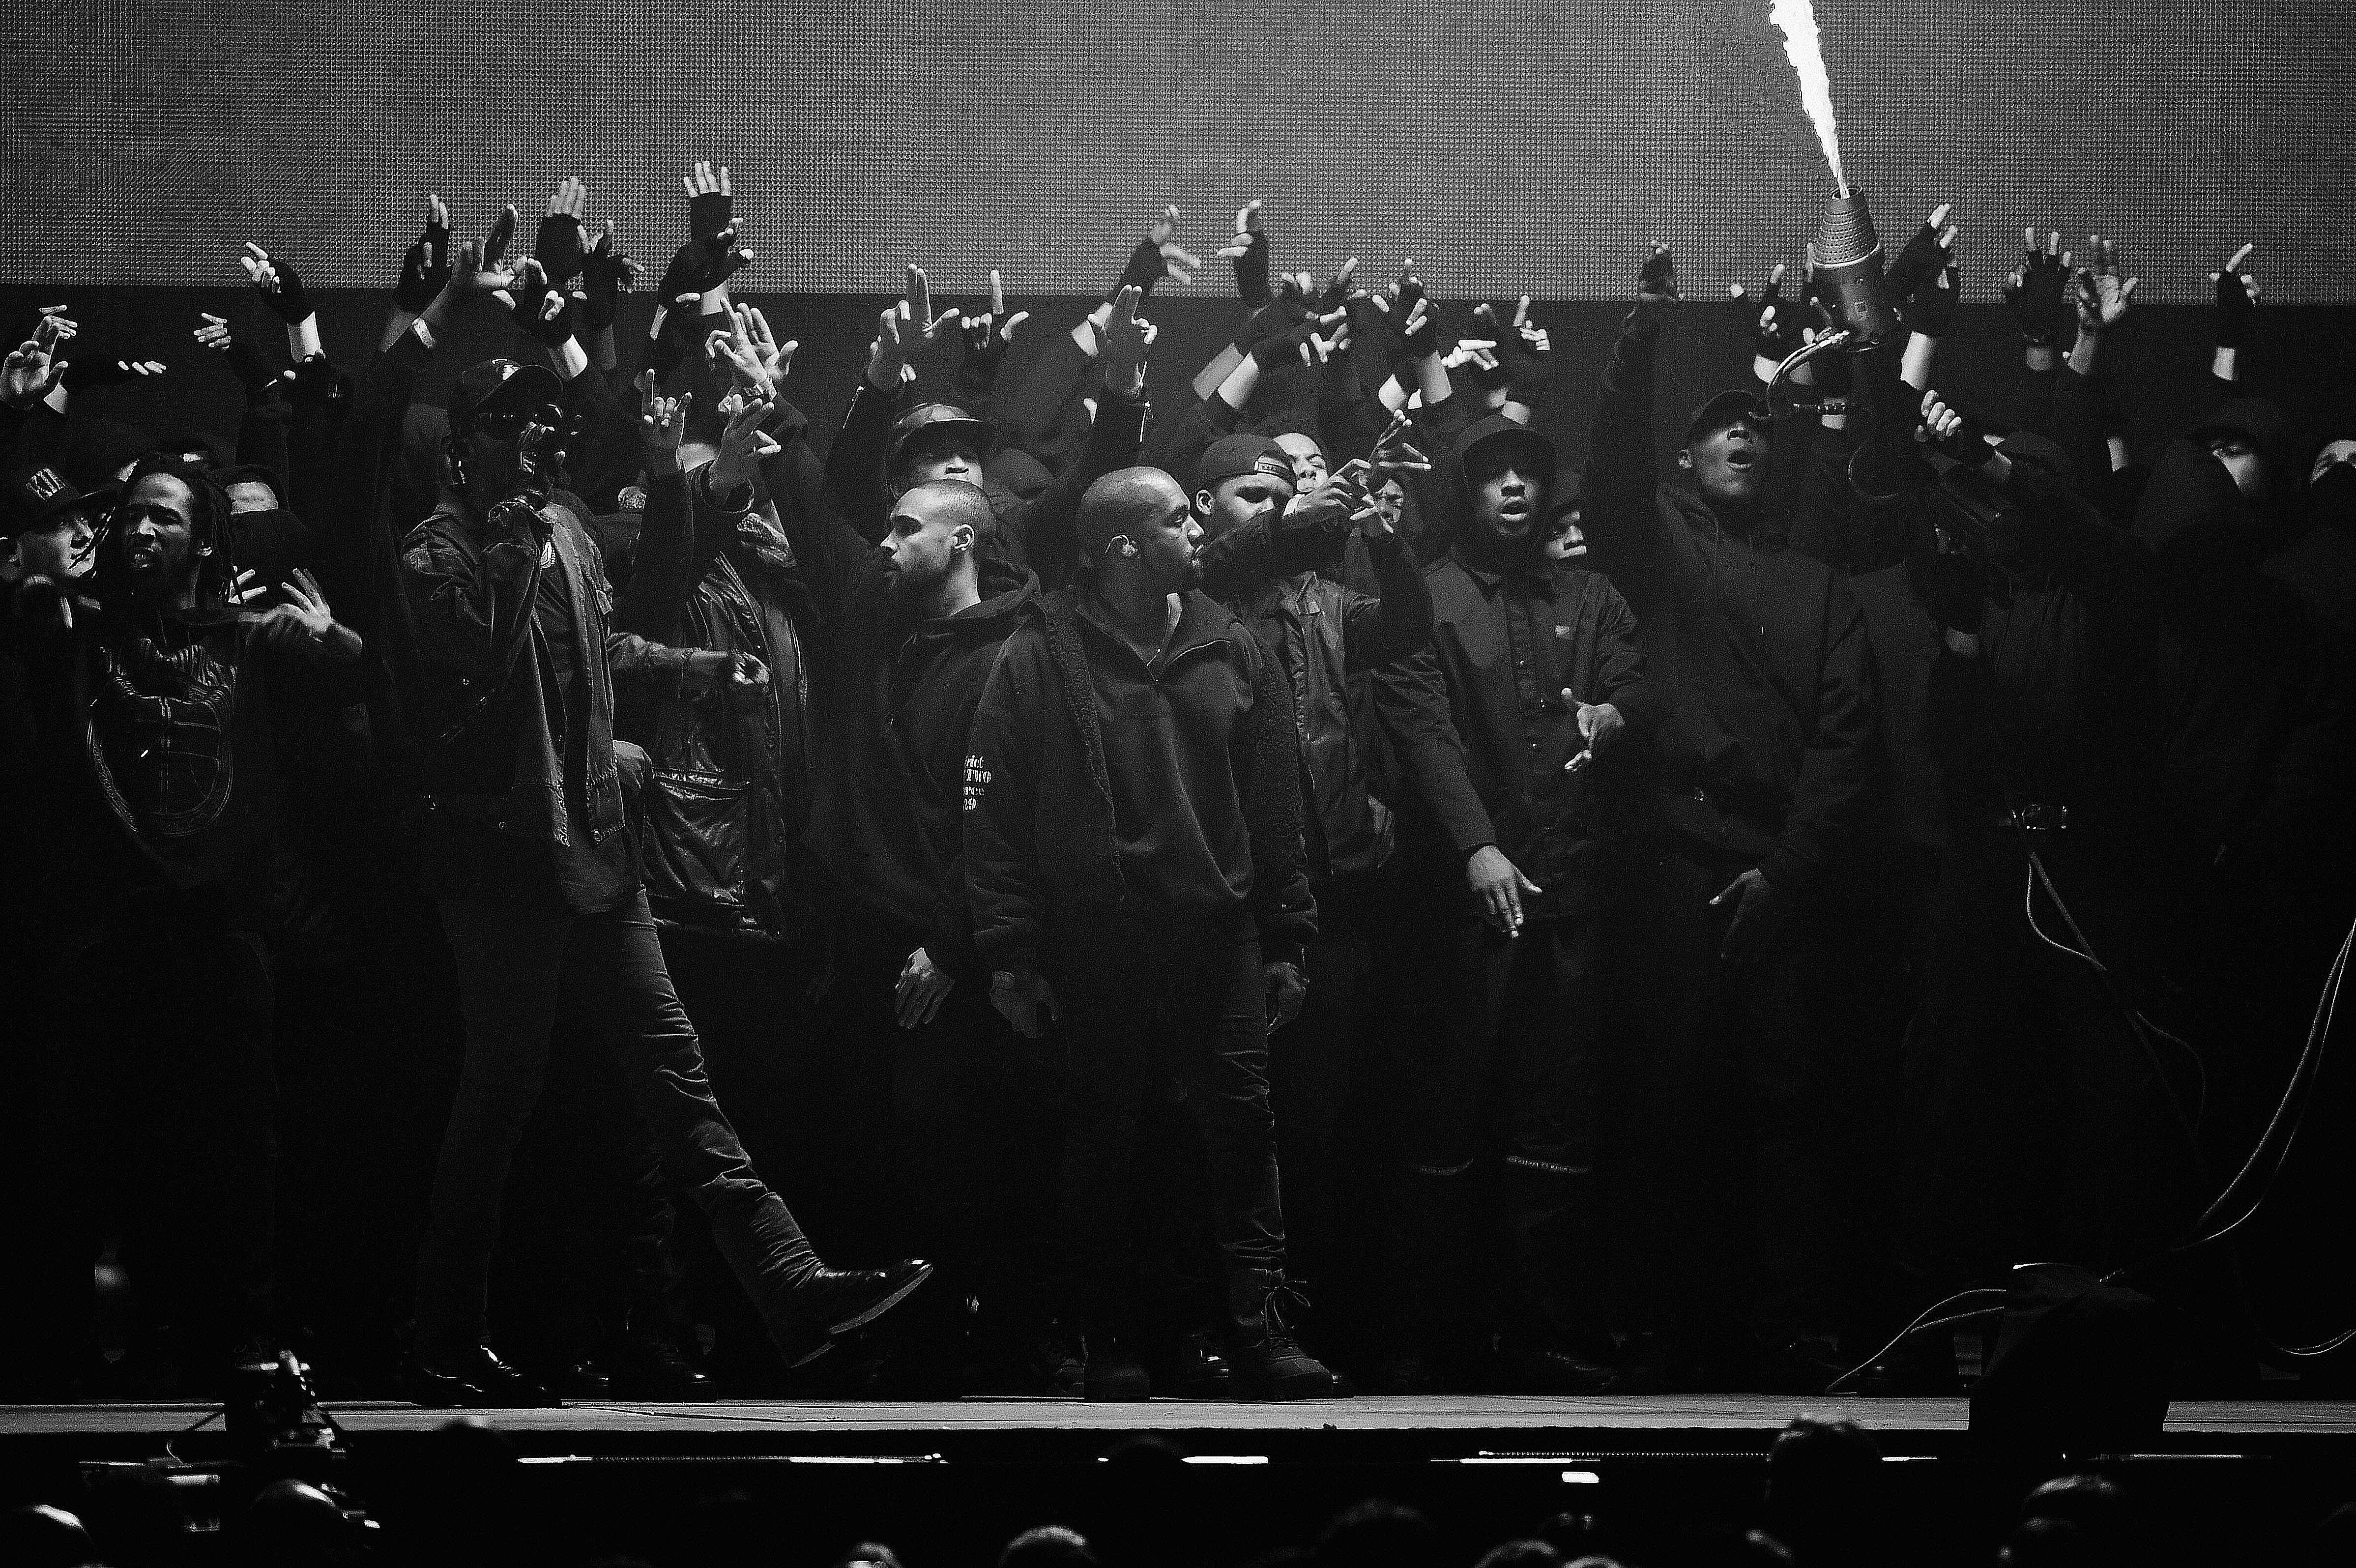 Kanye So Help Me God